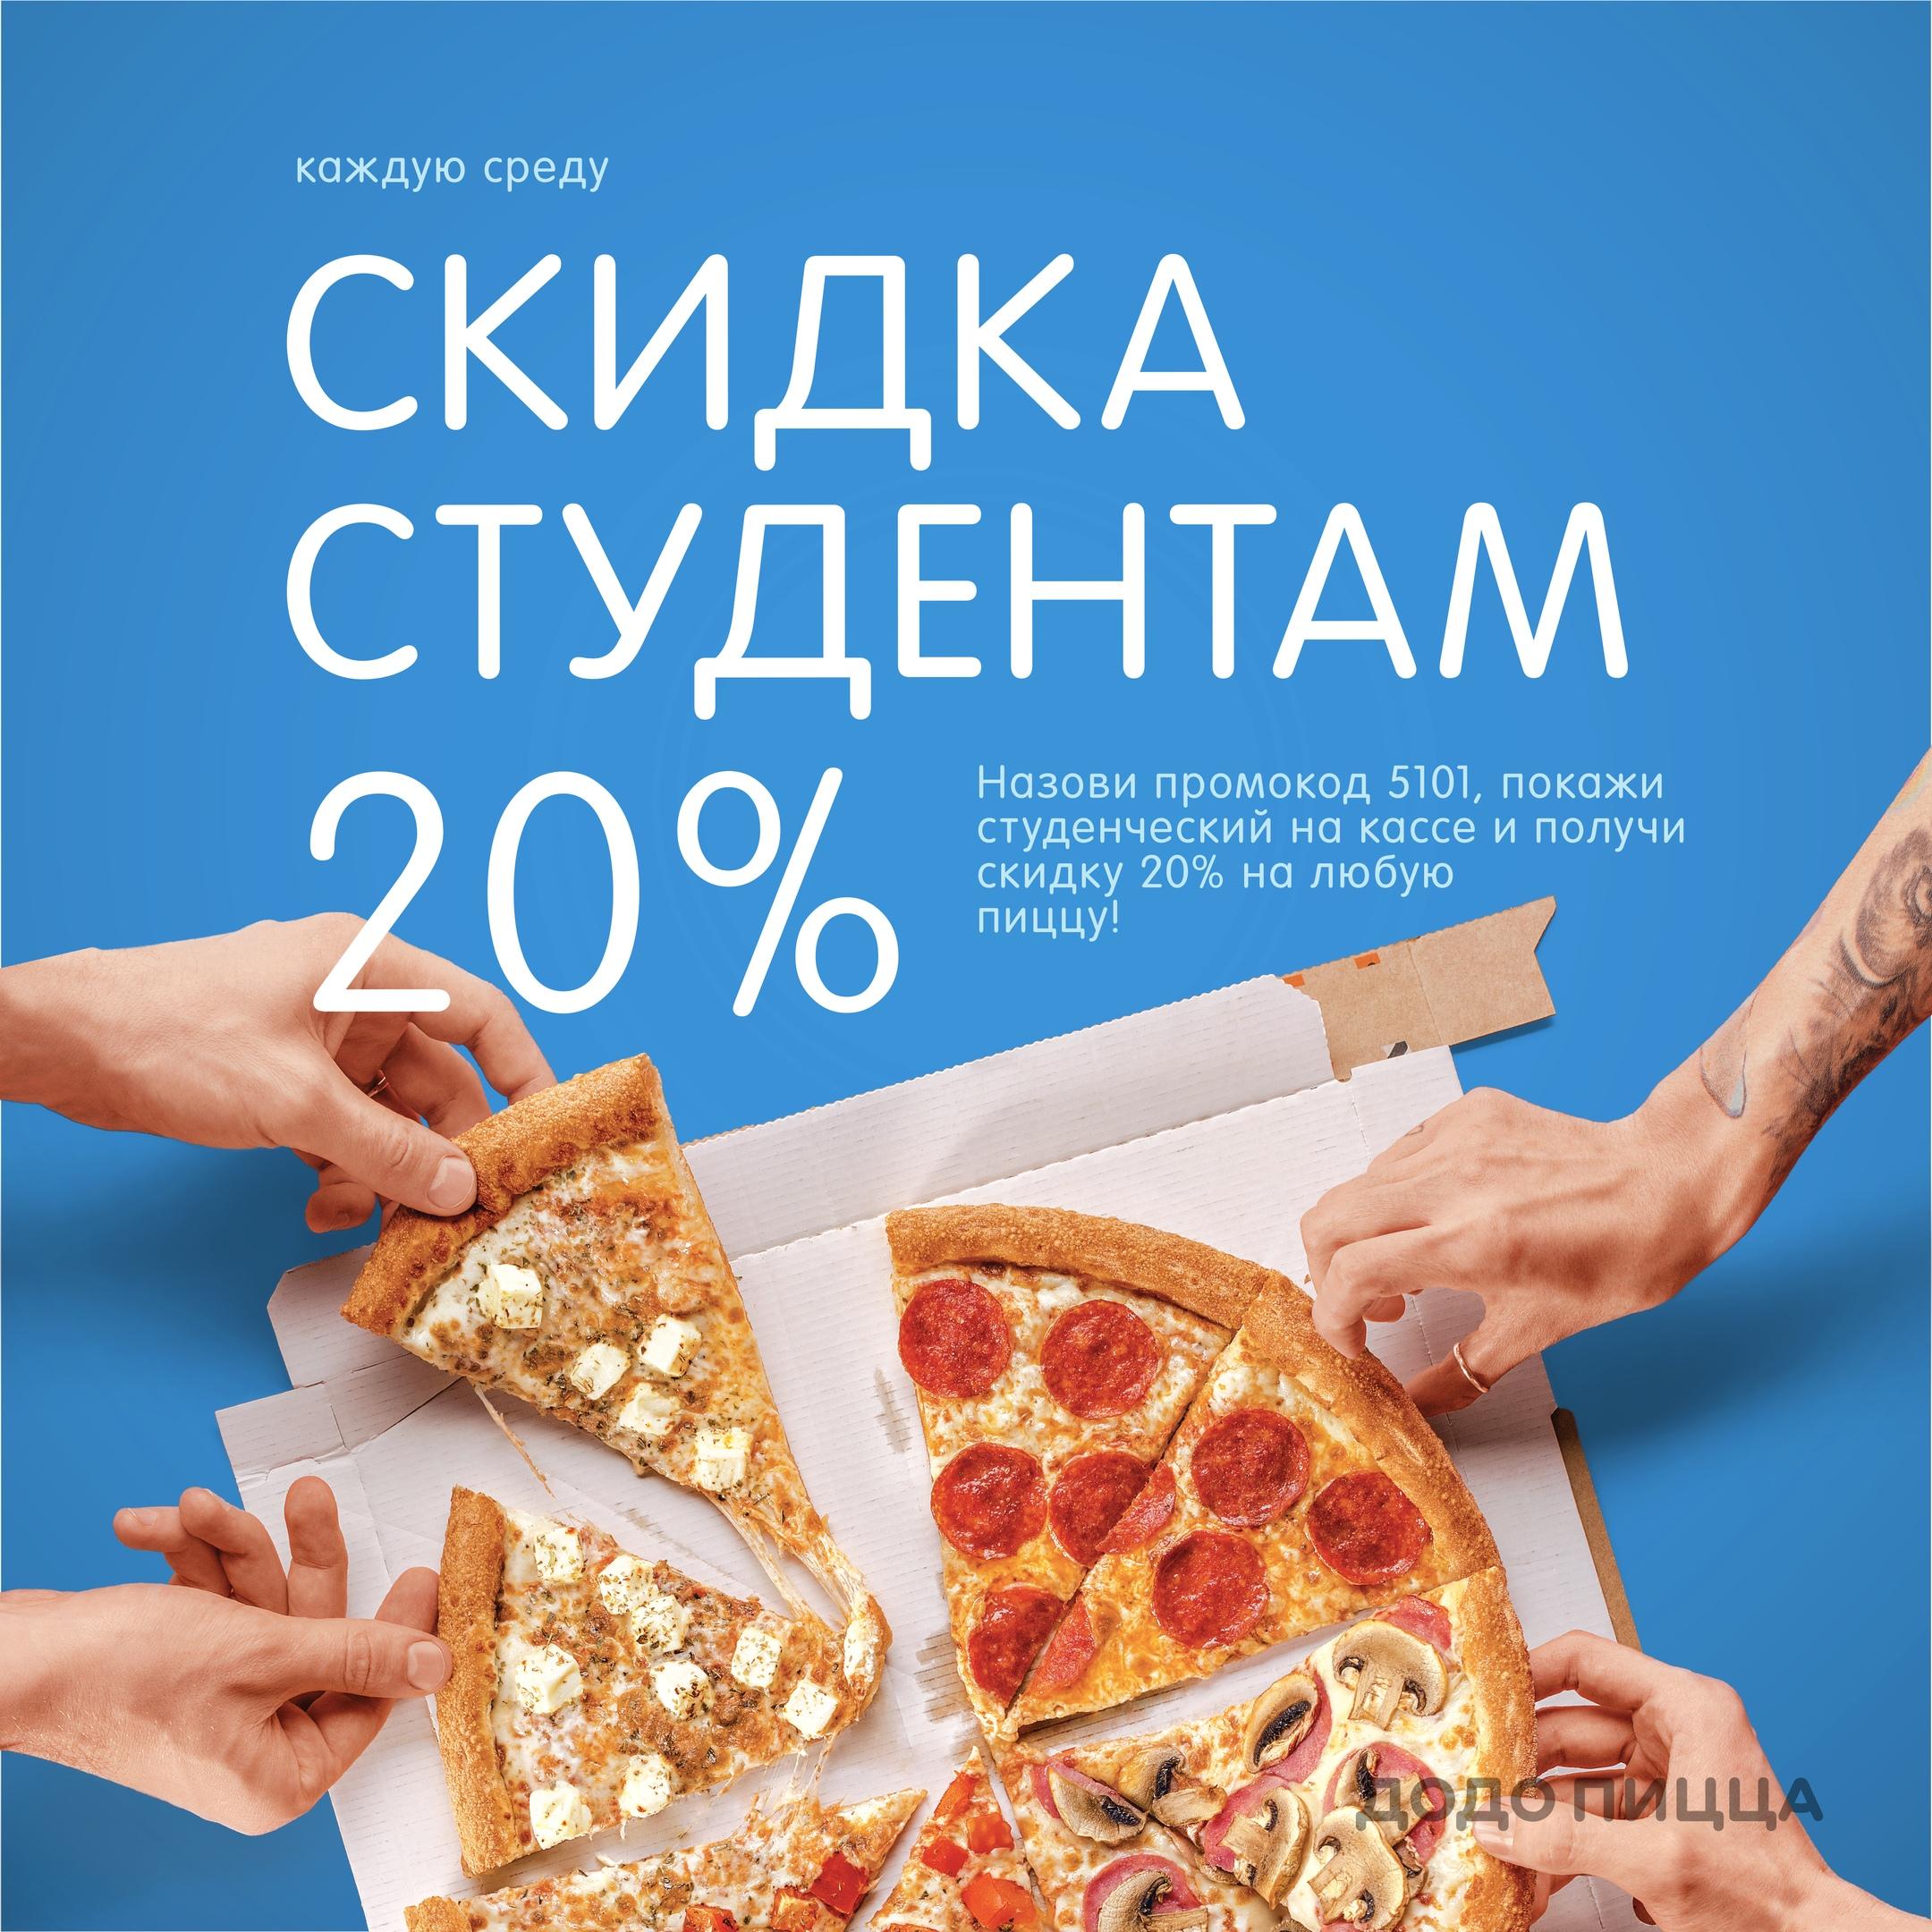 Пицца промокод скидка dj cosmo feat